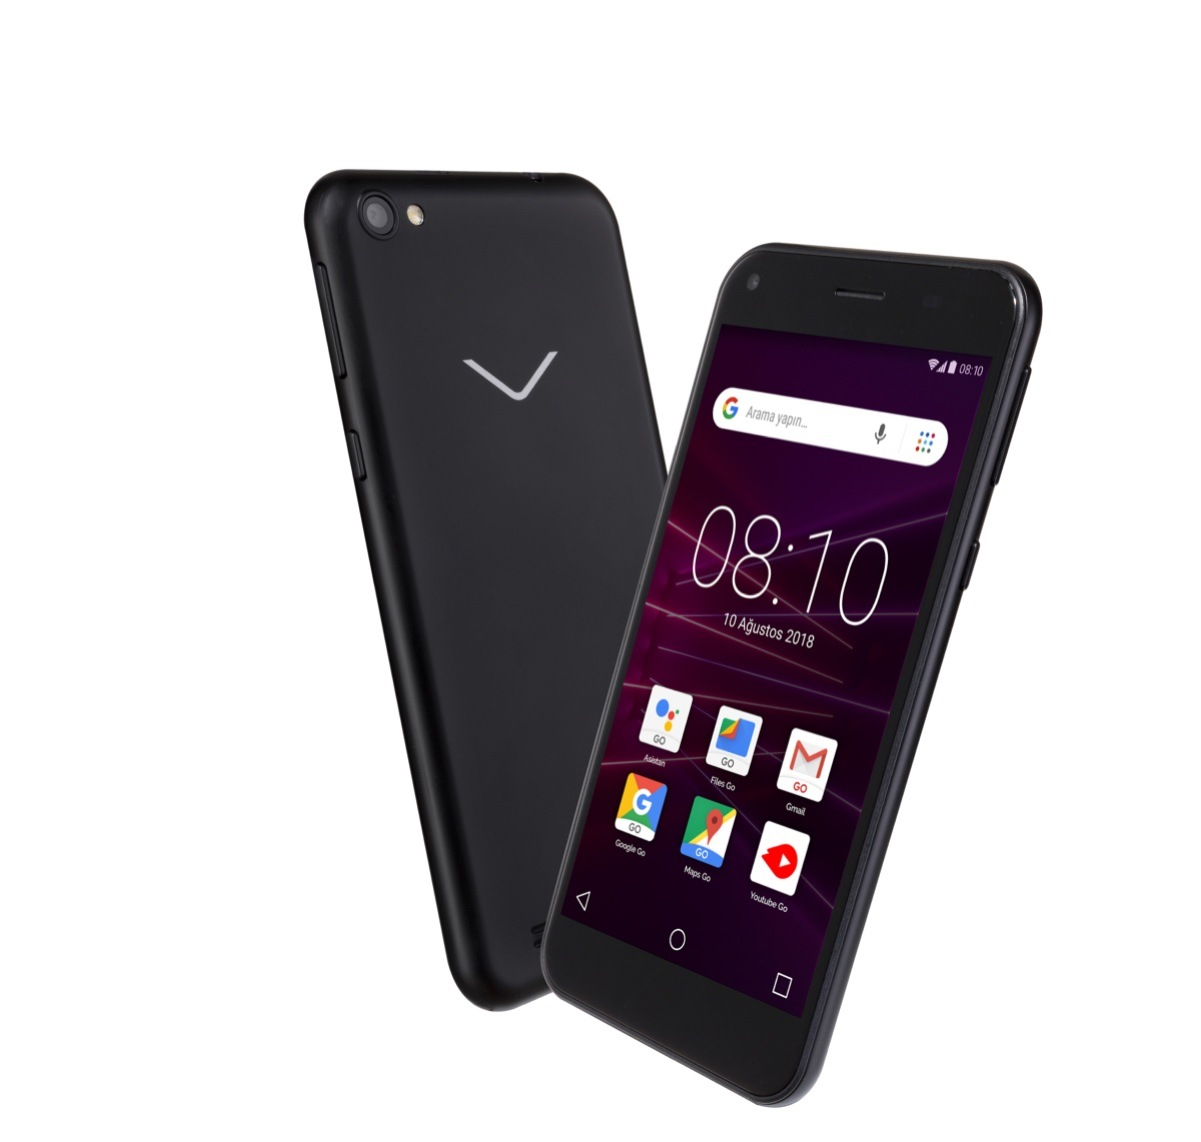 Vestel Venus Go 10 Ağustos'ta satışa sunuluyor